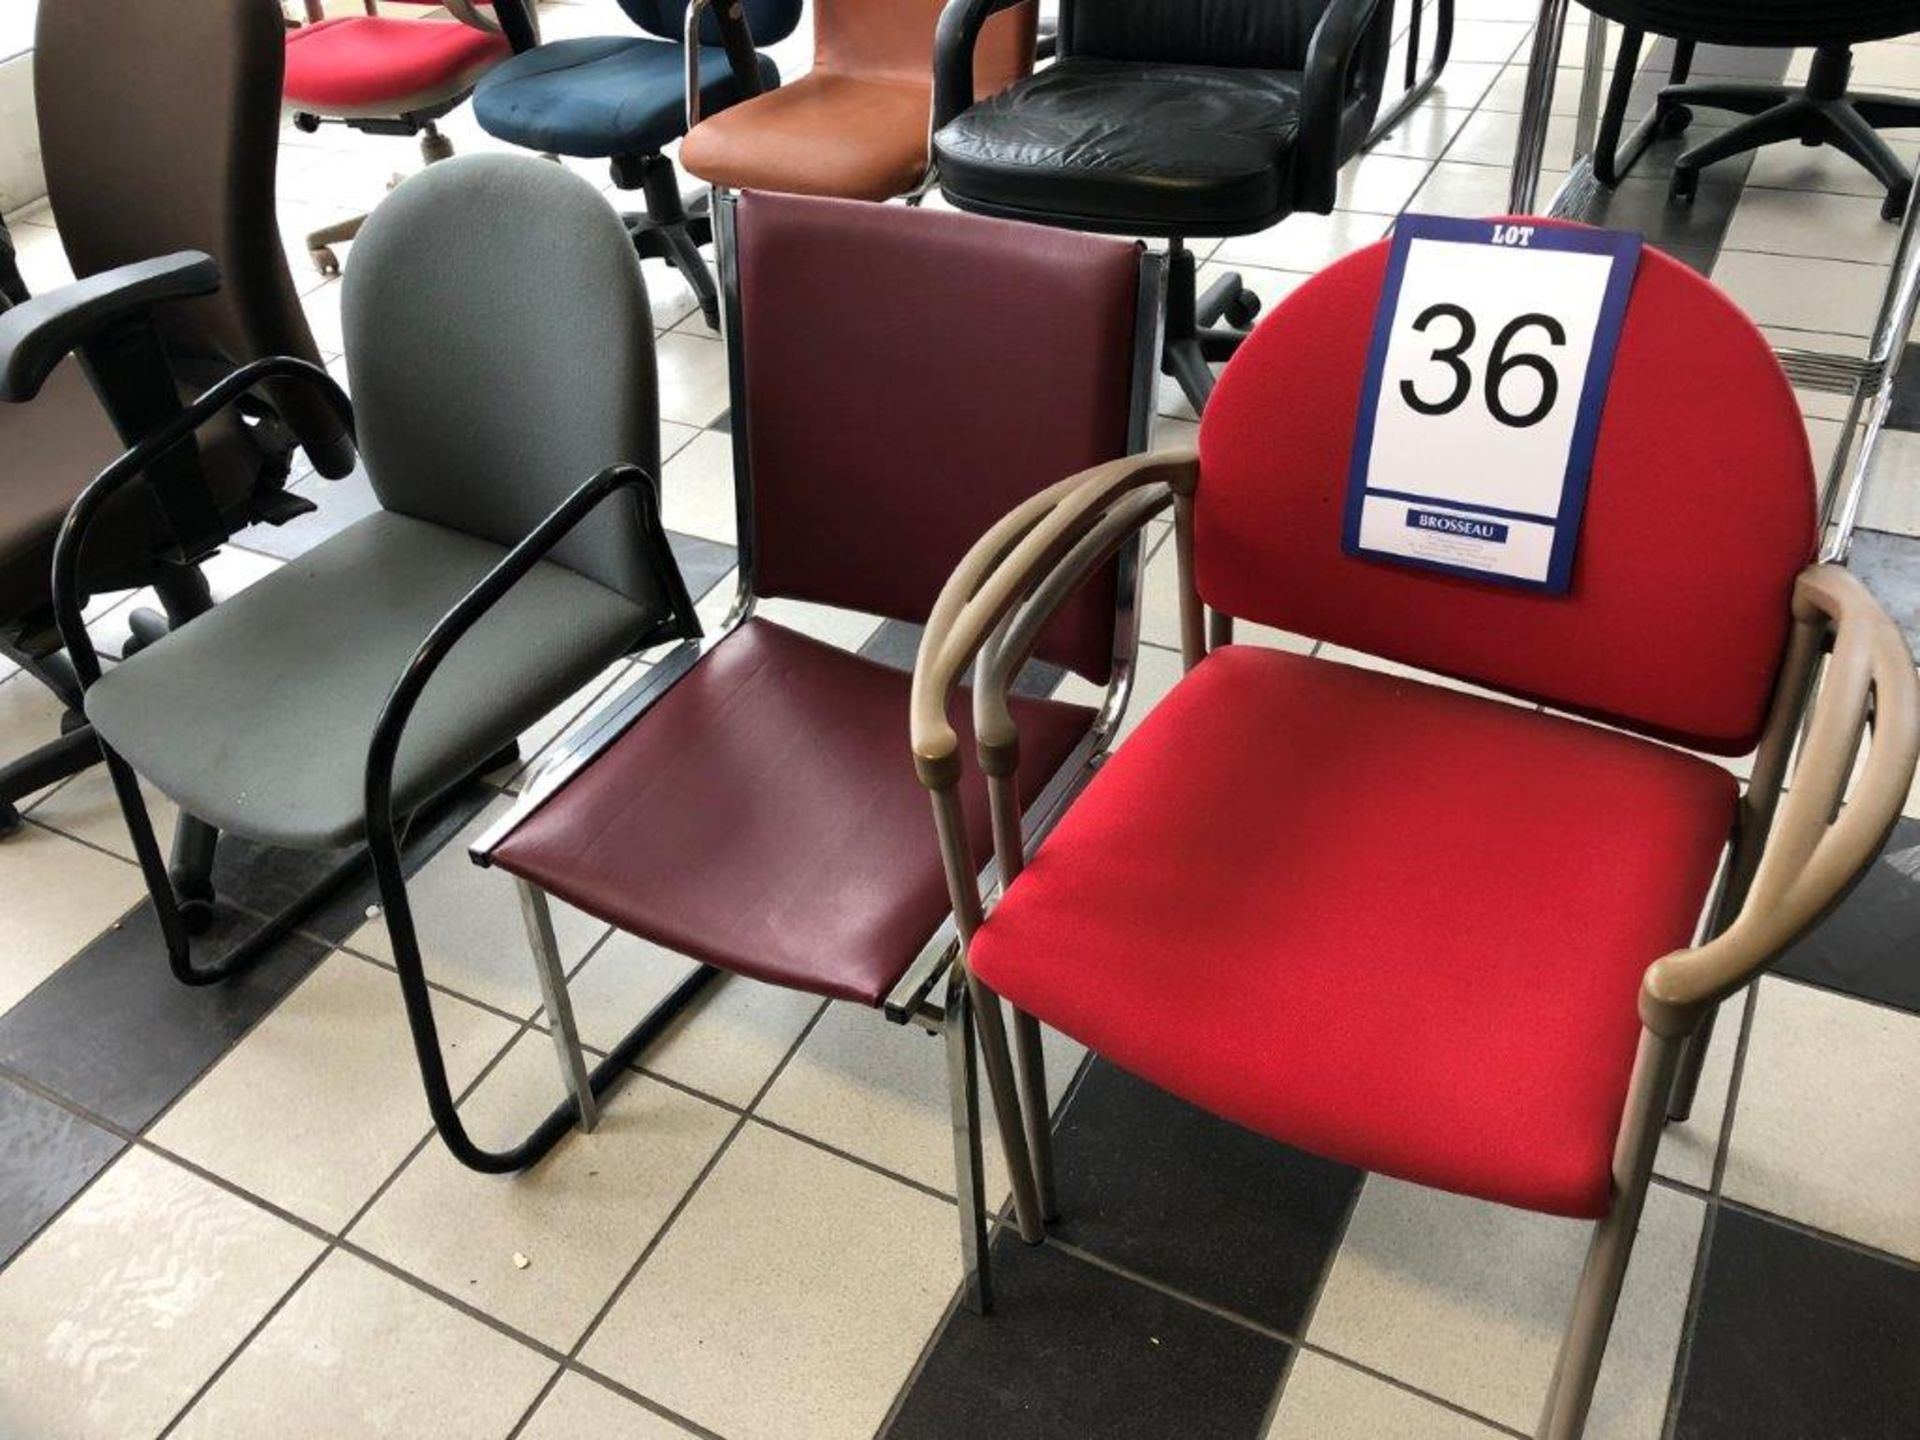 Lot 36 - Lot: 6 fauteuils assortis